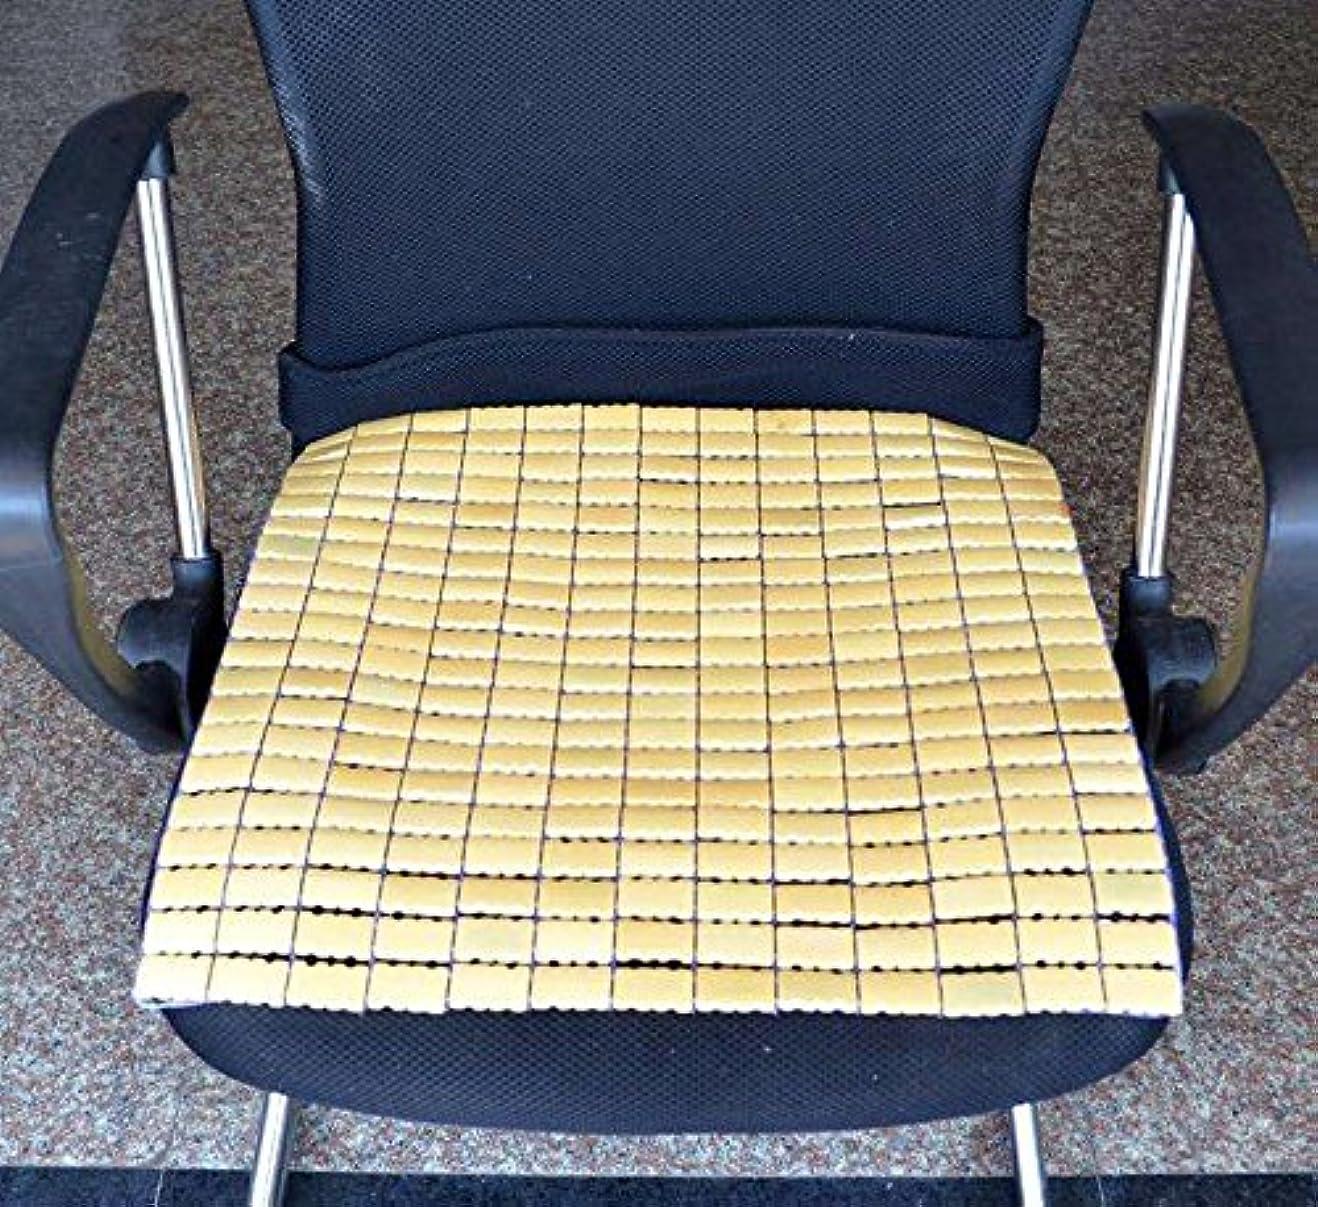 順応性のある無食用竹 座ぶとん 座布団 クール 天然 竹マット ひんやり 蒸れない シート デスクやチェアや車の夏用 マ-シャン クッション(45×45cm)